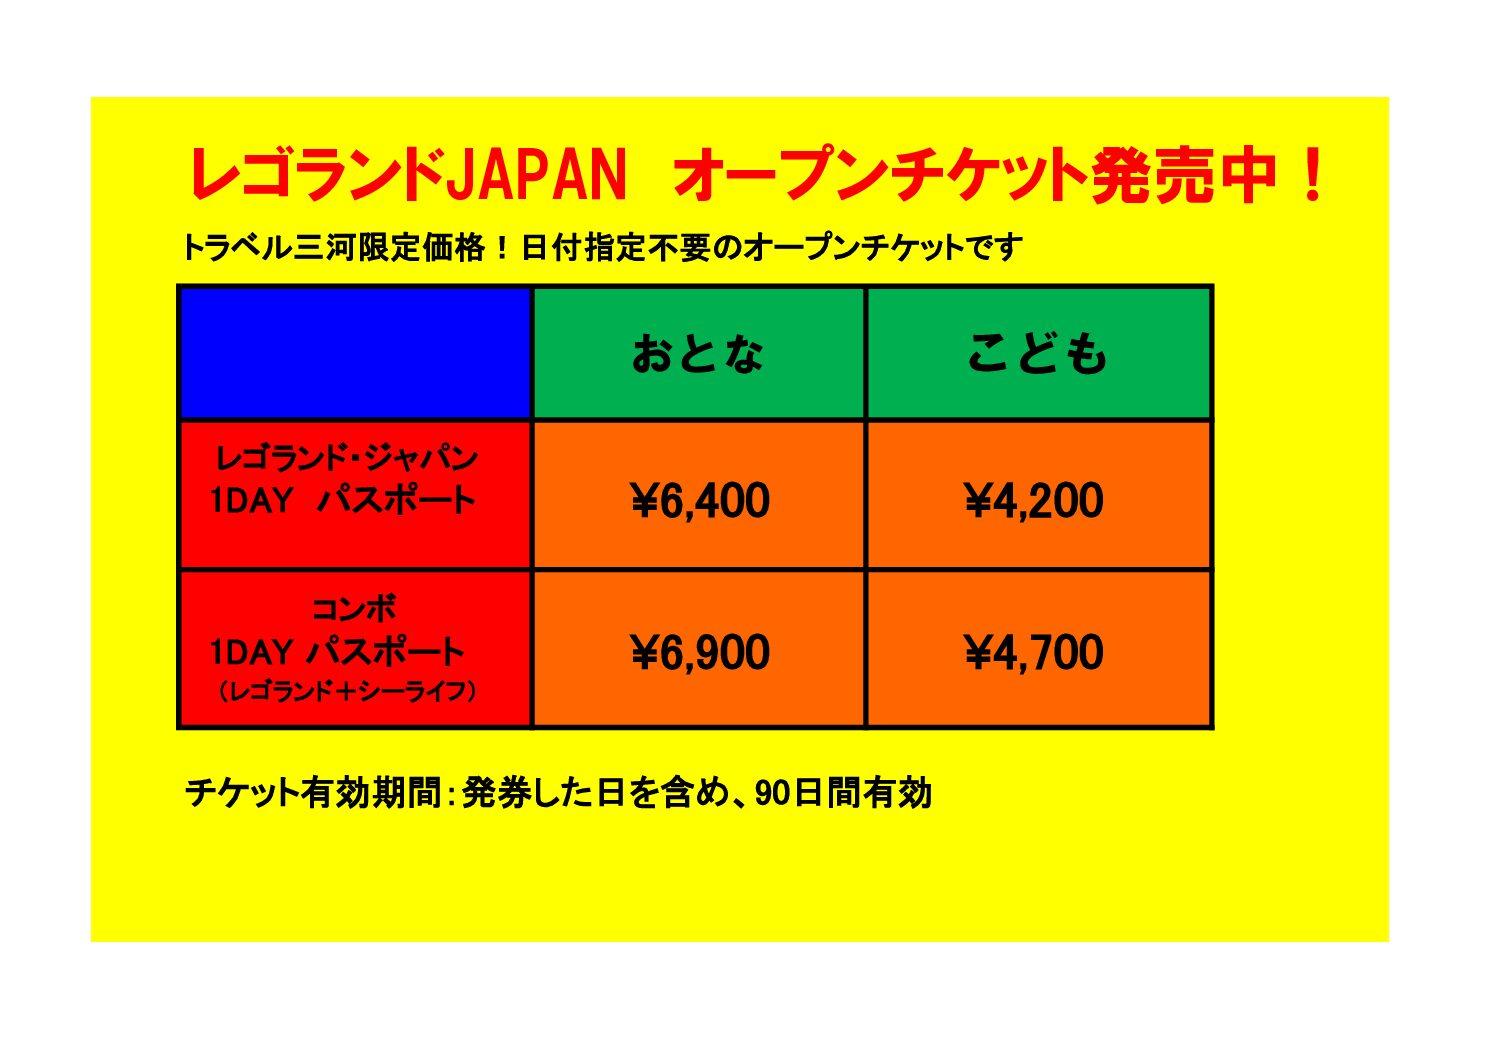 LEGOLAND JAPAN オープンチケット発売開始